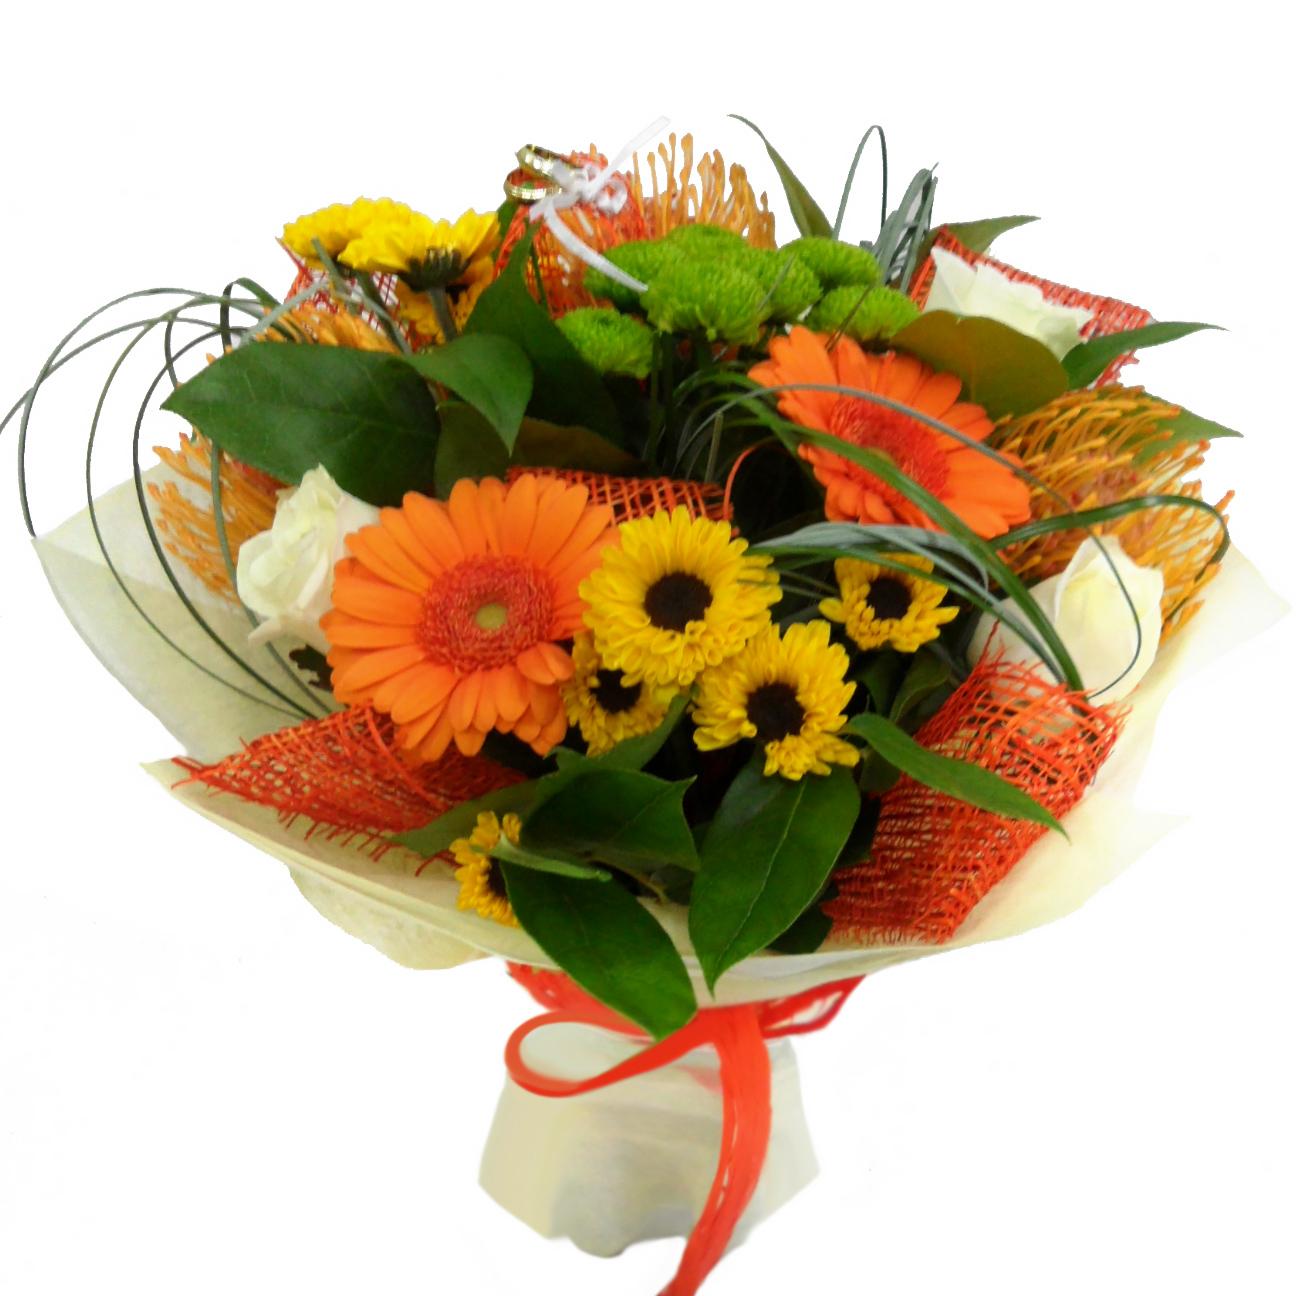 Заказать букет цветов в кирове, солнечногорск дарвин магазин